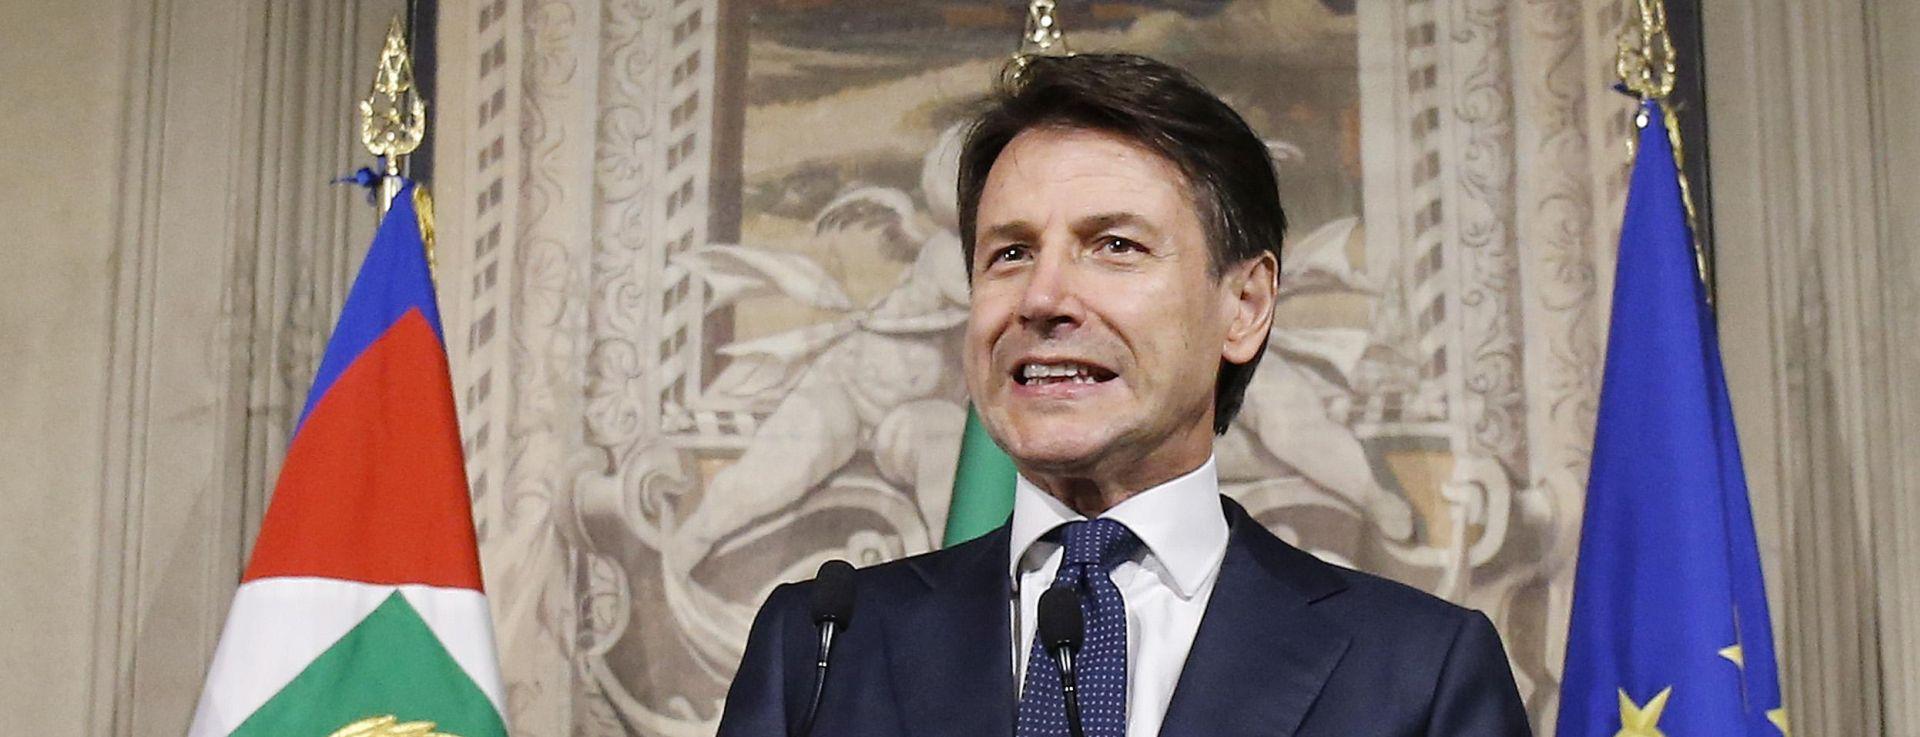 ITALIJA Populisti dolaze na vlast